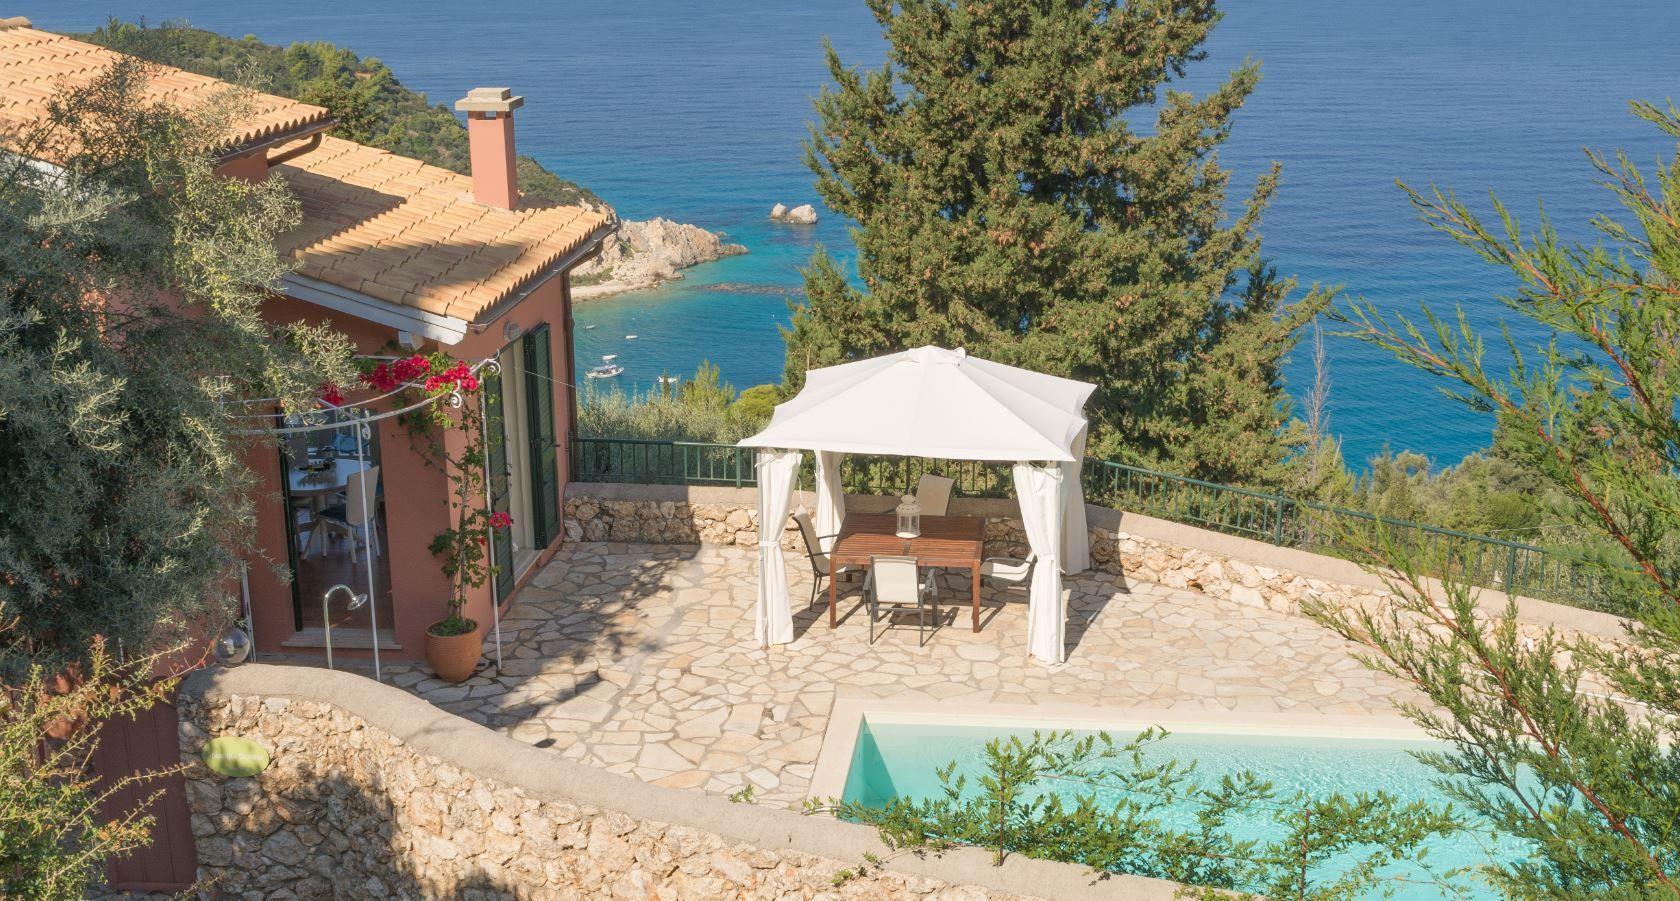 Ferienhaus für 6 Personen ca. 100 m² in   in Griechenland